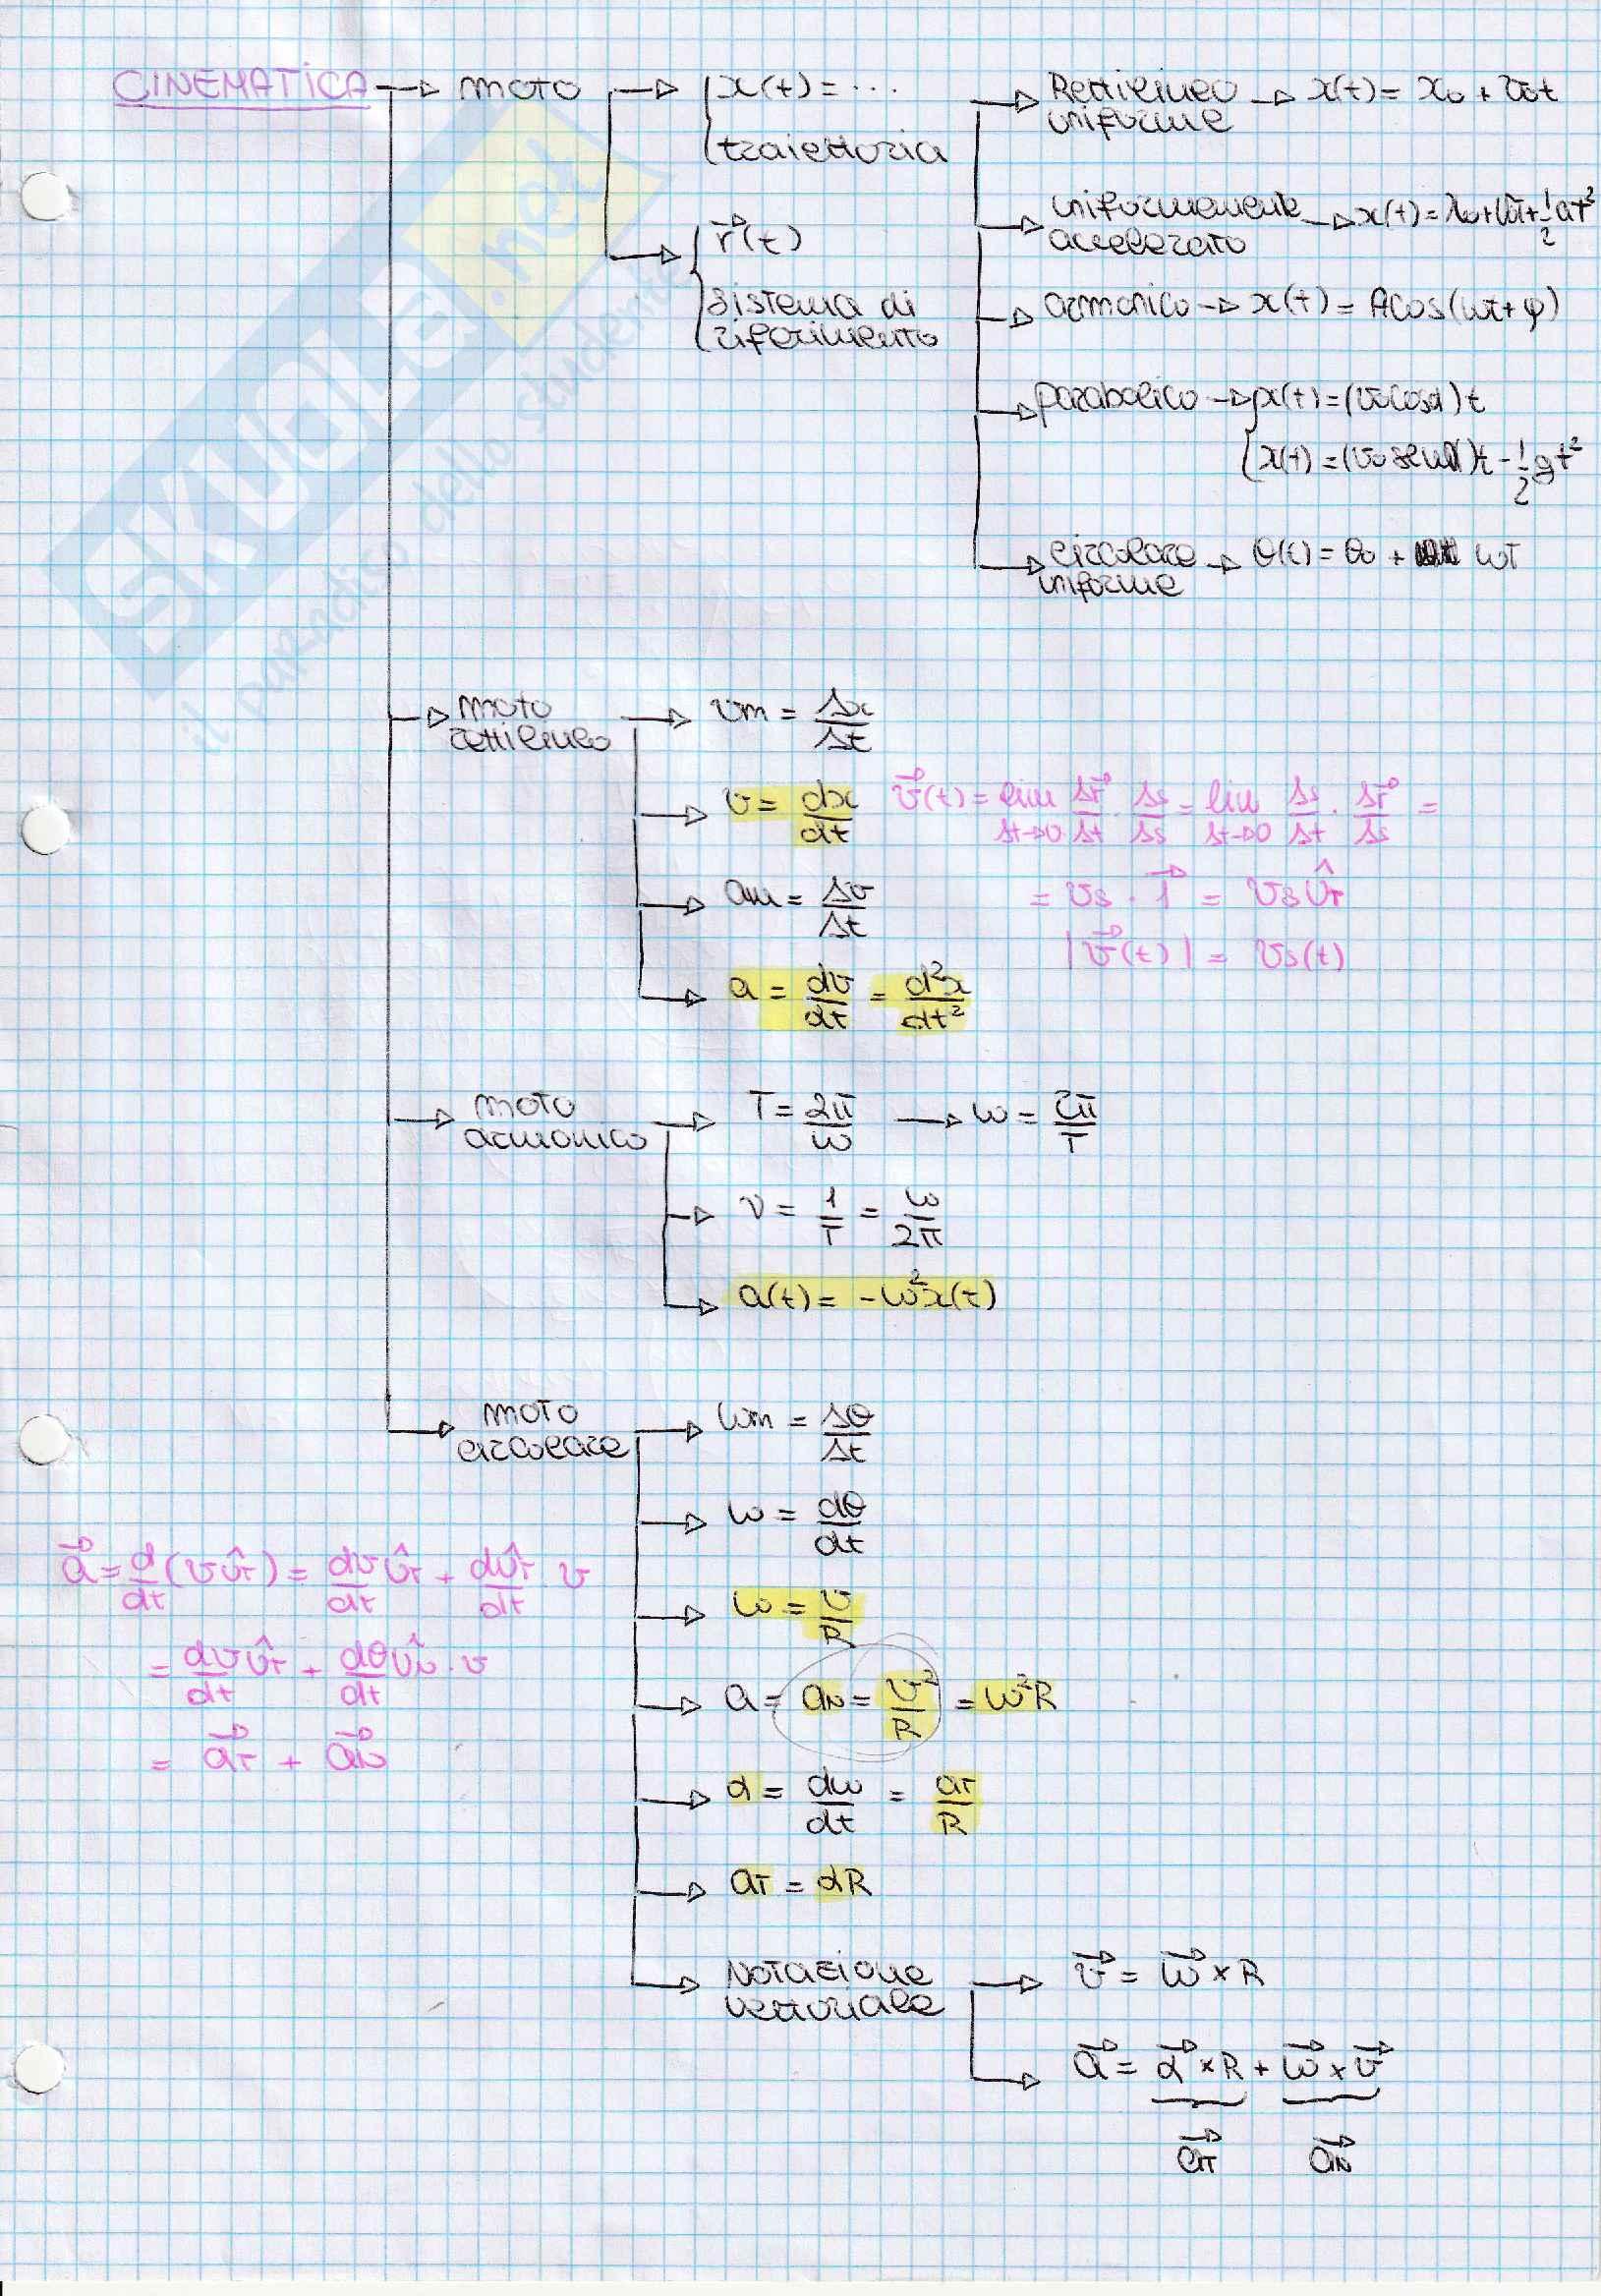 Fisica sperimentale(meccanica, termodinamica, elettromagnetismo) schemi a cascata + dimostrazioni